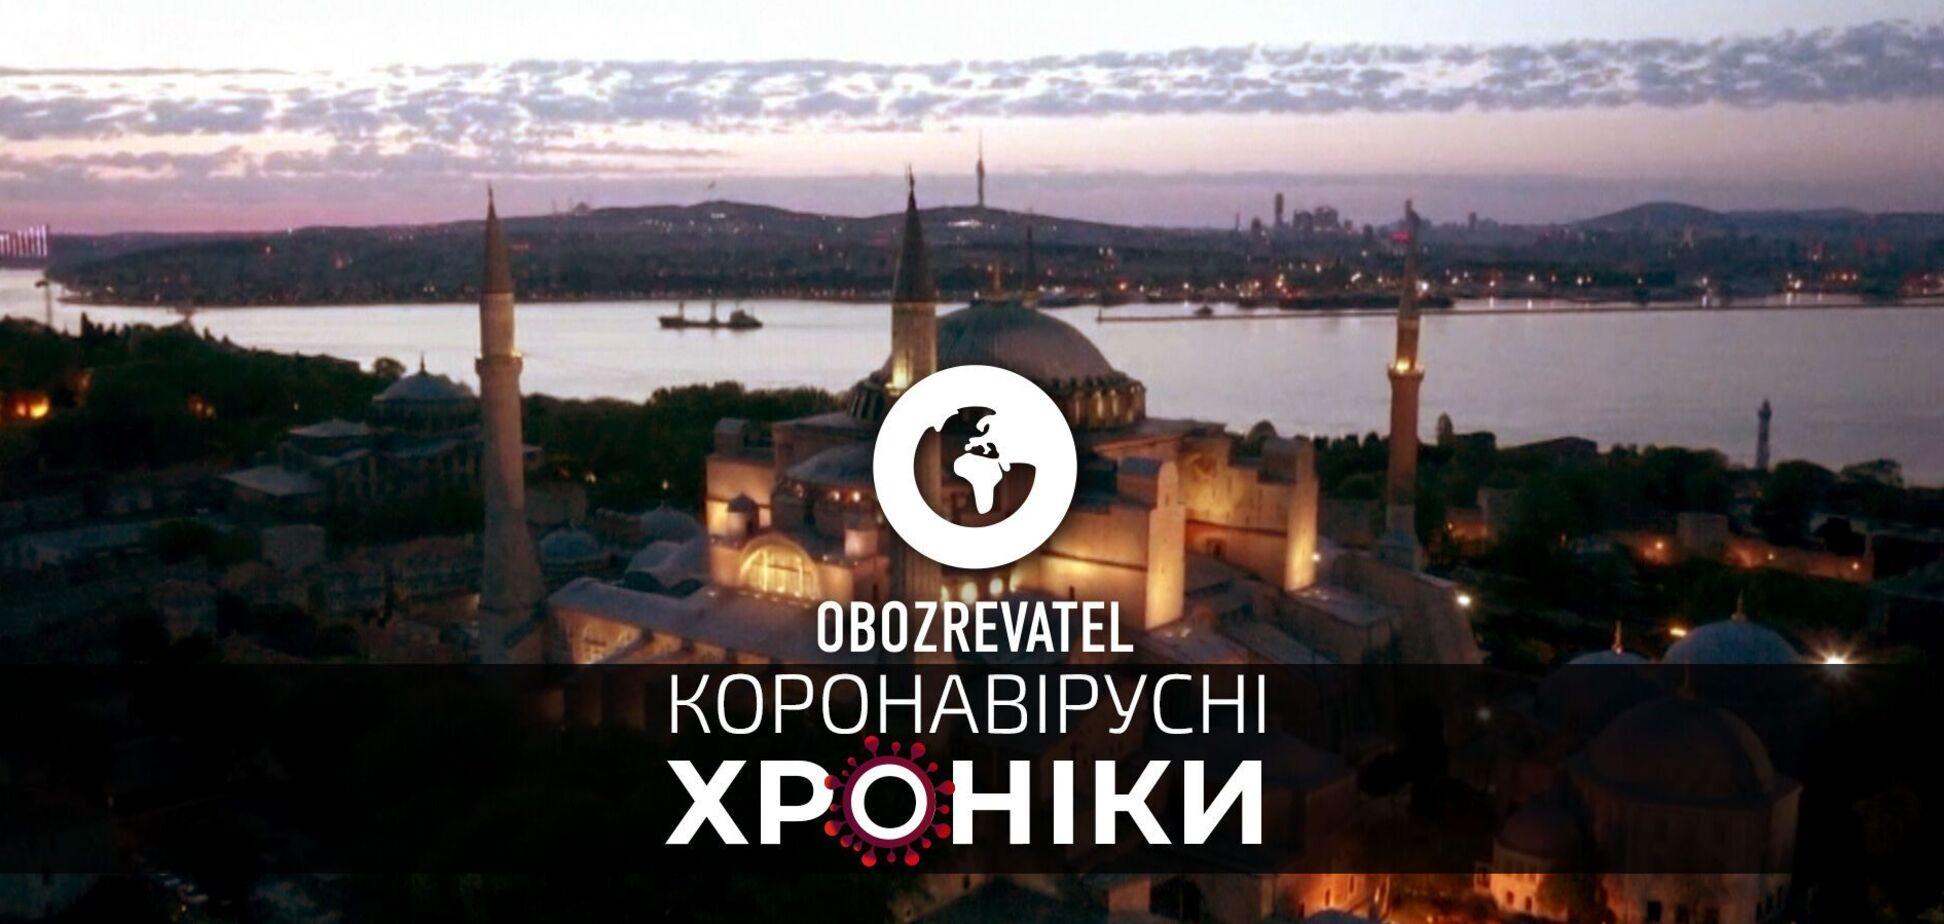 ПЛР-тест не потрібен українцям для в'їзду в Туреччину, а очільник ВООЗ отримав свій укол проти 'COVID-19' і закликав усіх вакцинуватися – коронавірусні хроніки